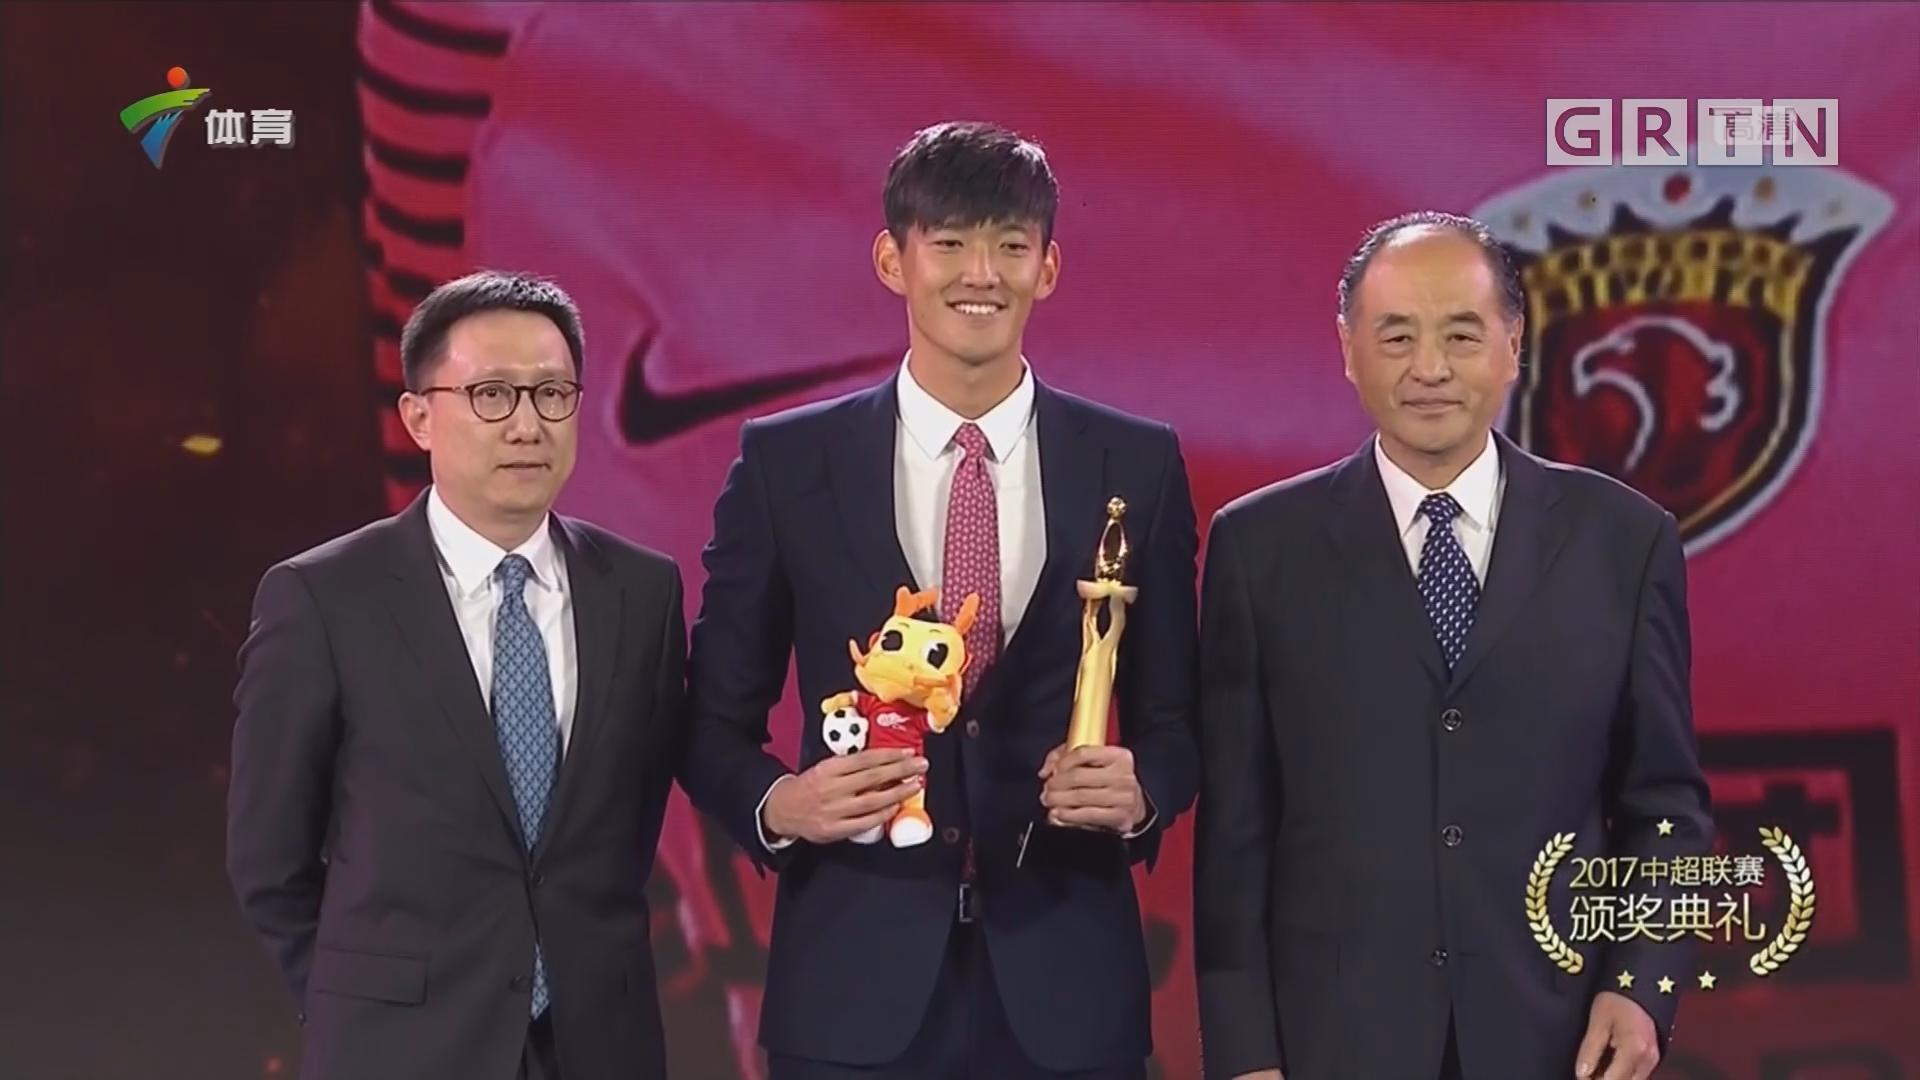 中超颁奖礼 广州富力成为最大赢家